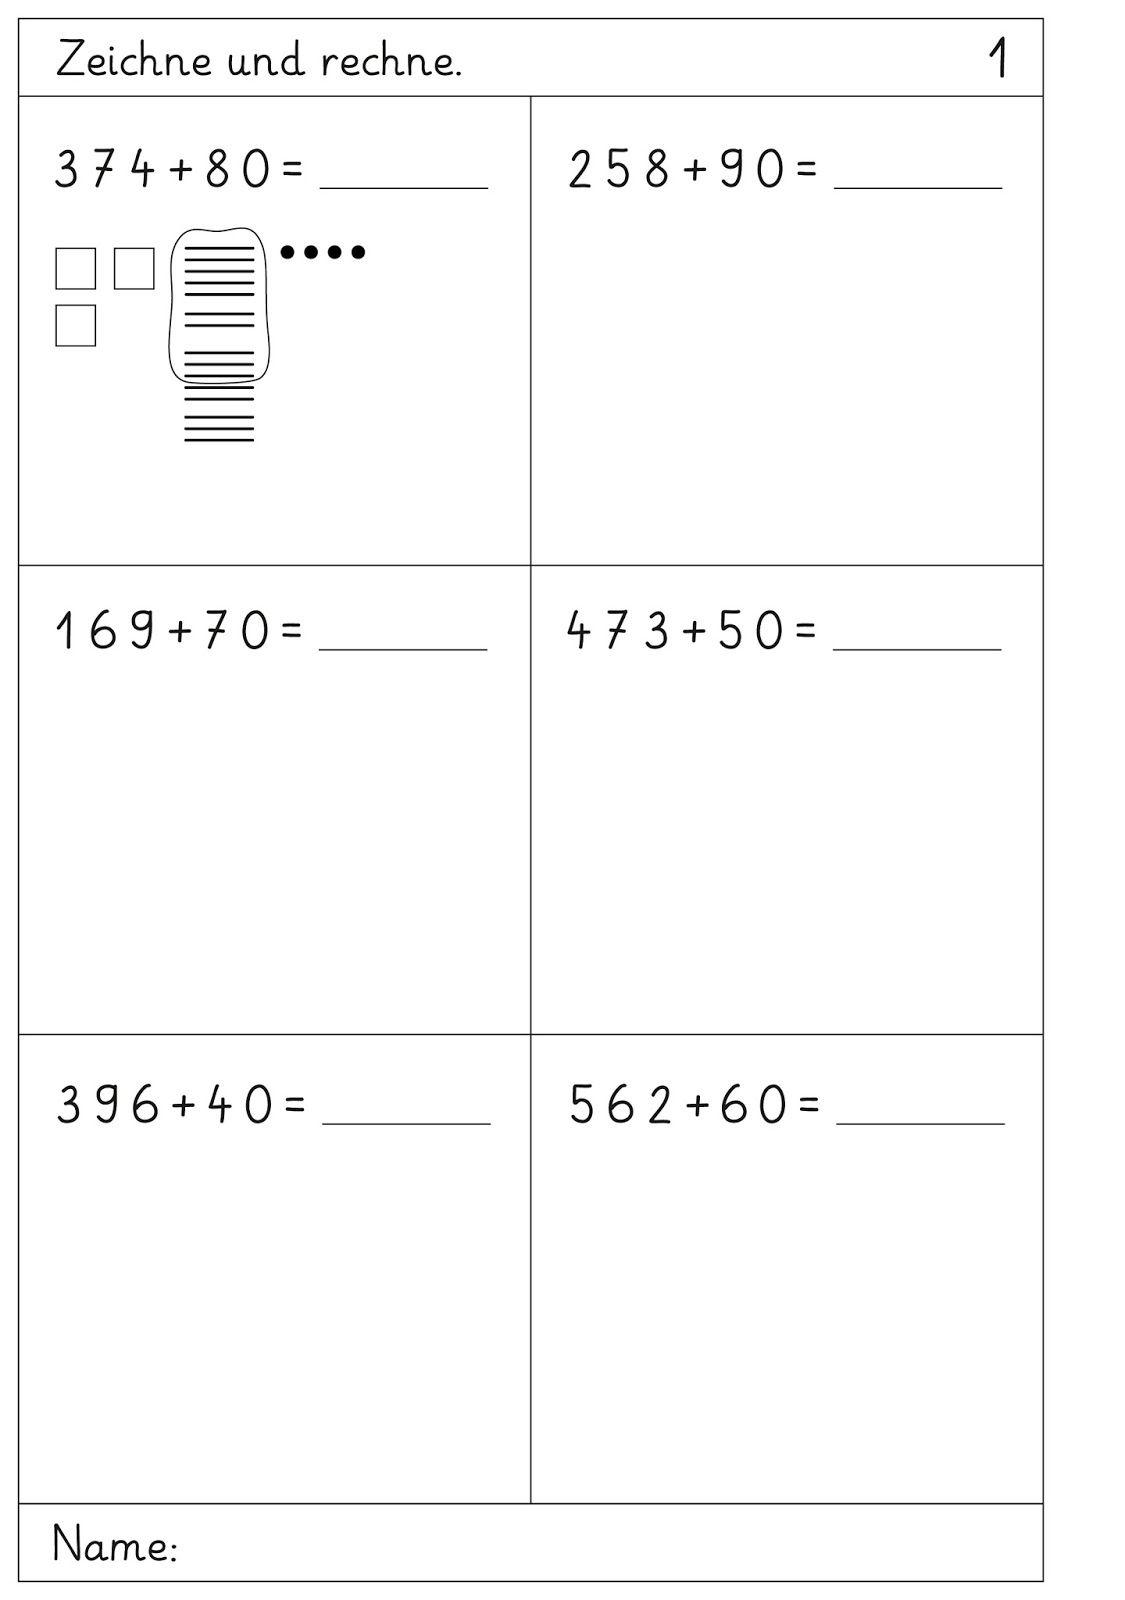 Ungewöhnlich Arbeitsblätter Für 6 Sortierer Bilder - Arbeitsblatt ...